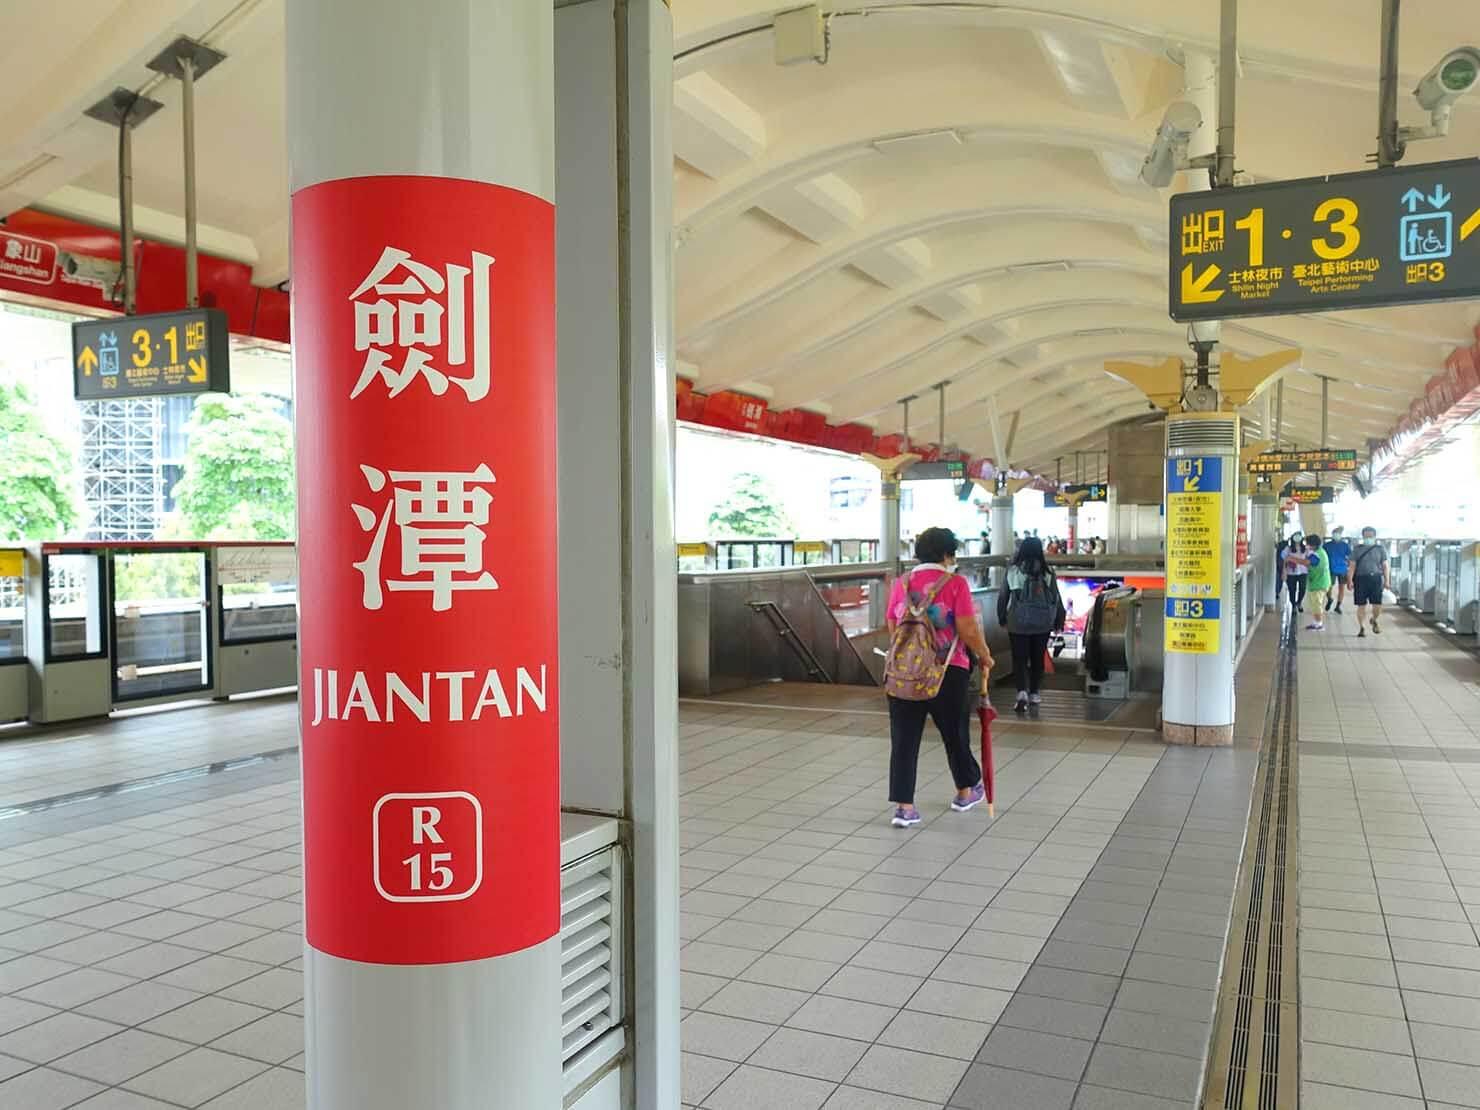 台北MRT・劍潭駅のプラットフォーム